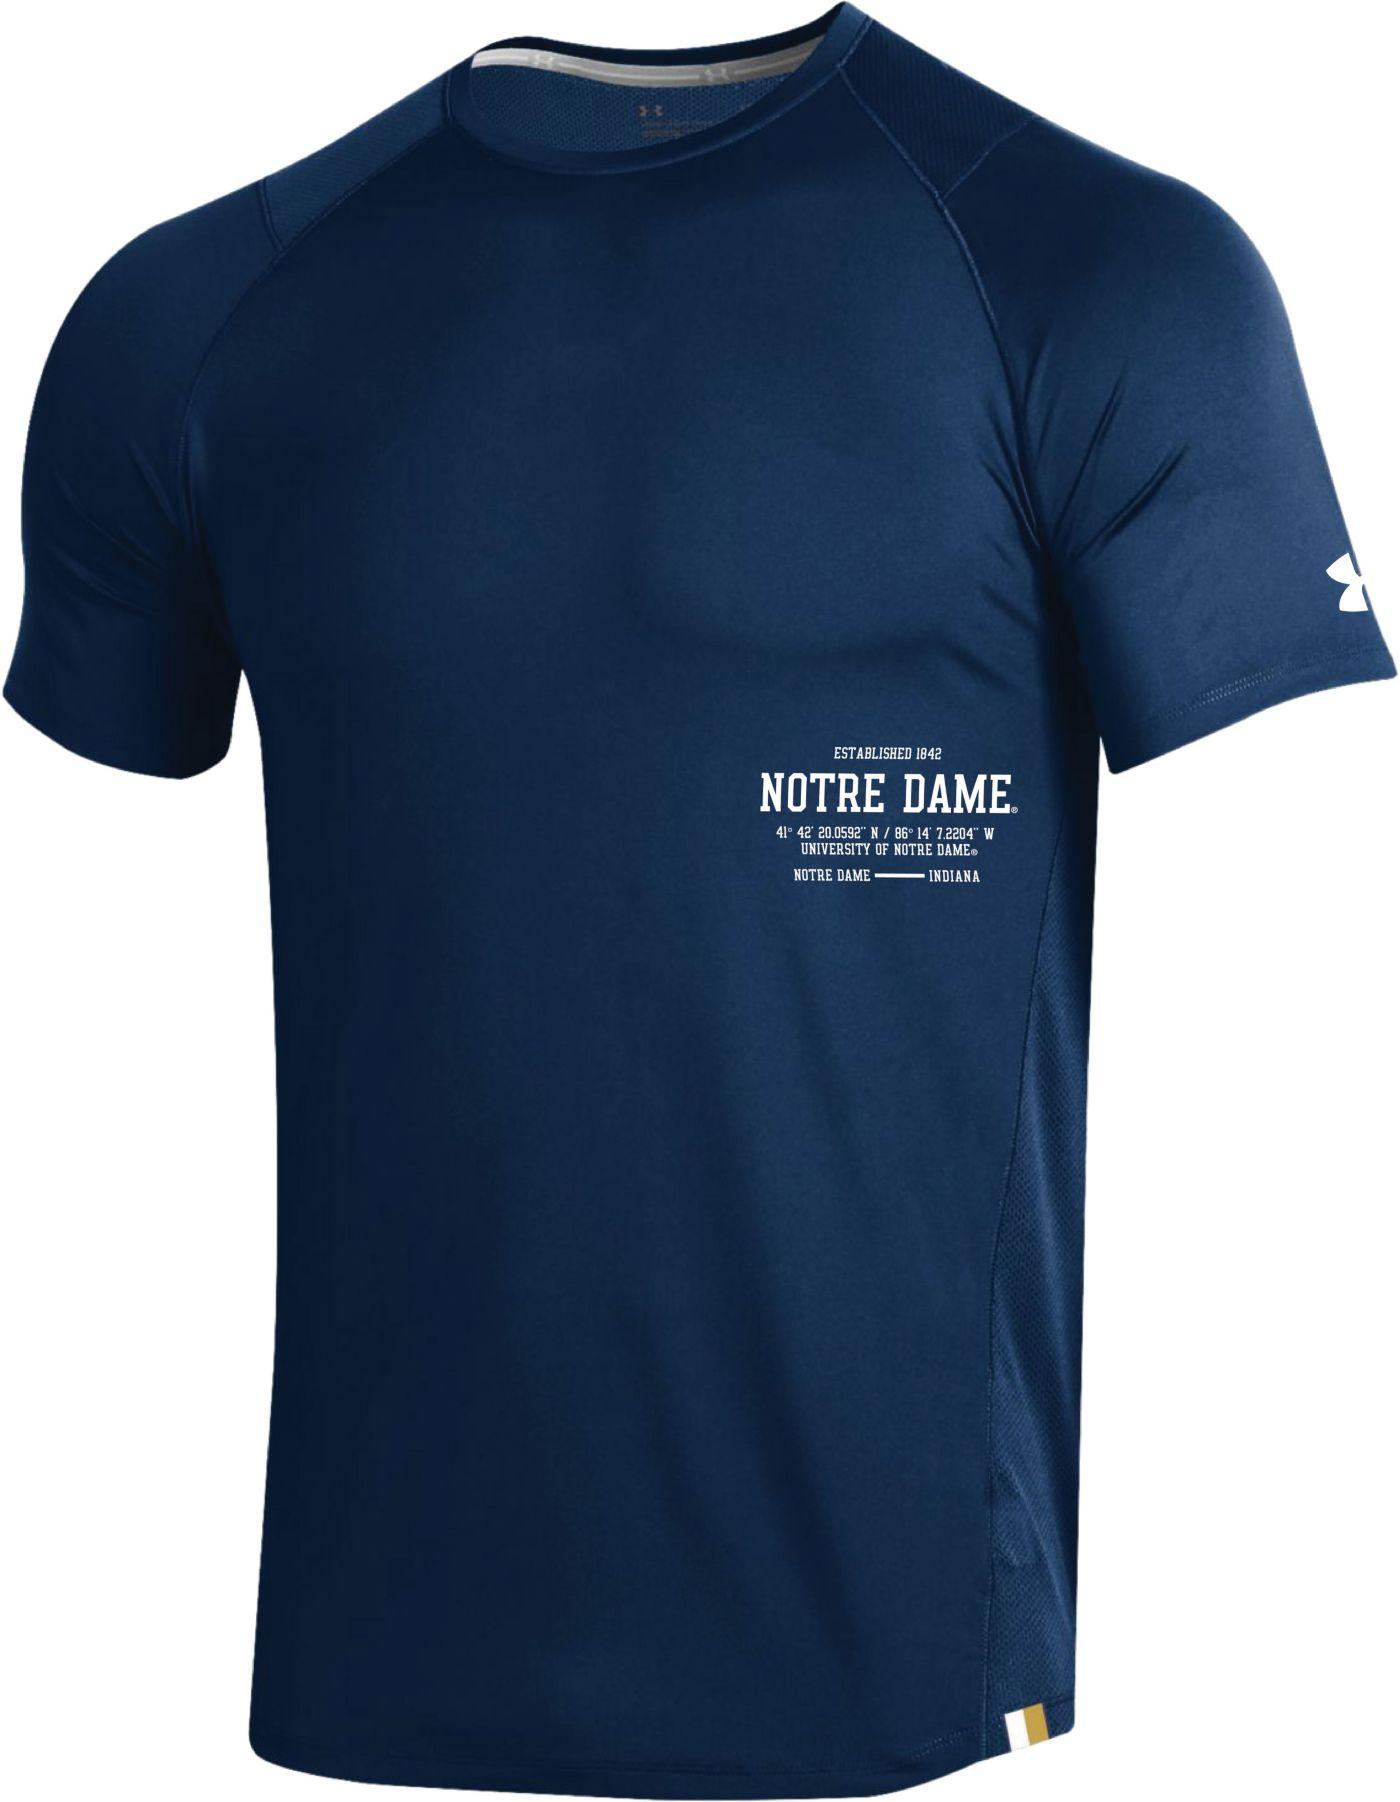 Under Armour Men's Notre Dame Fighting Irish Navy Coordinates MK1 Sideline T-Shirt